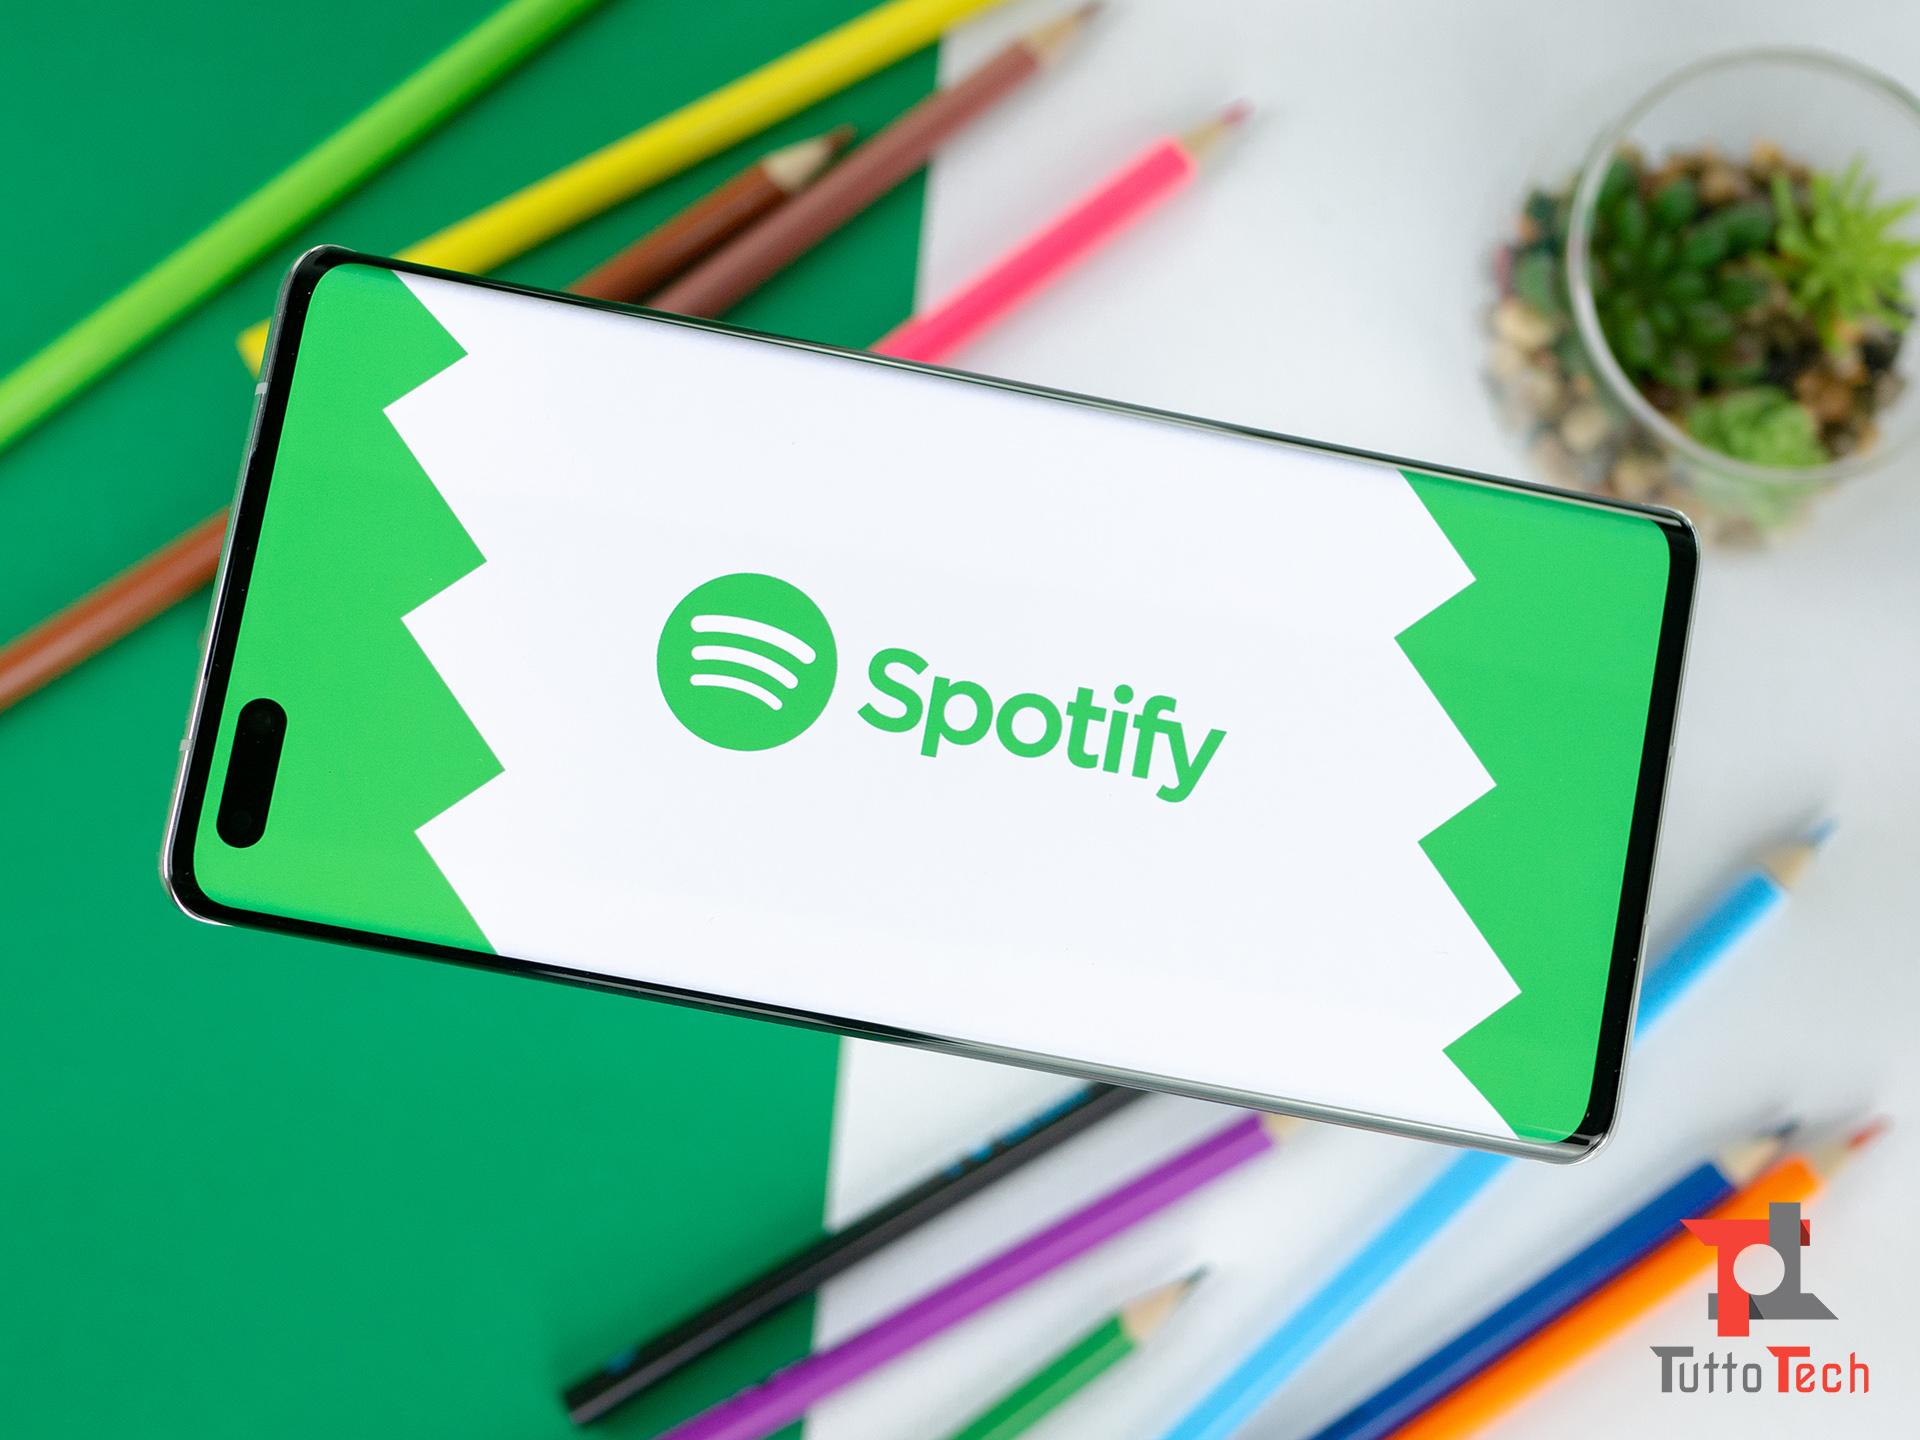 Spotify rilancia la promozione con Premium gratis per tre mesi